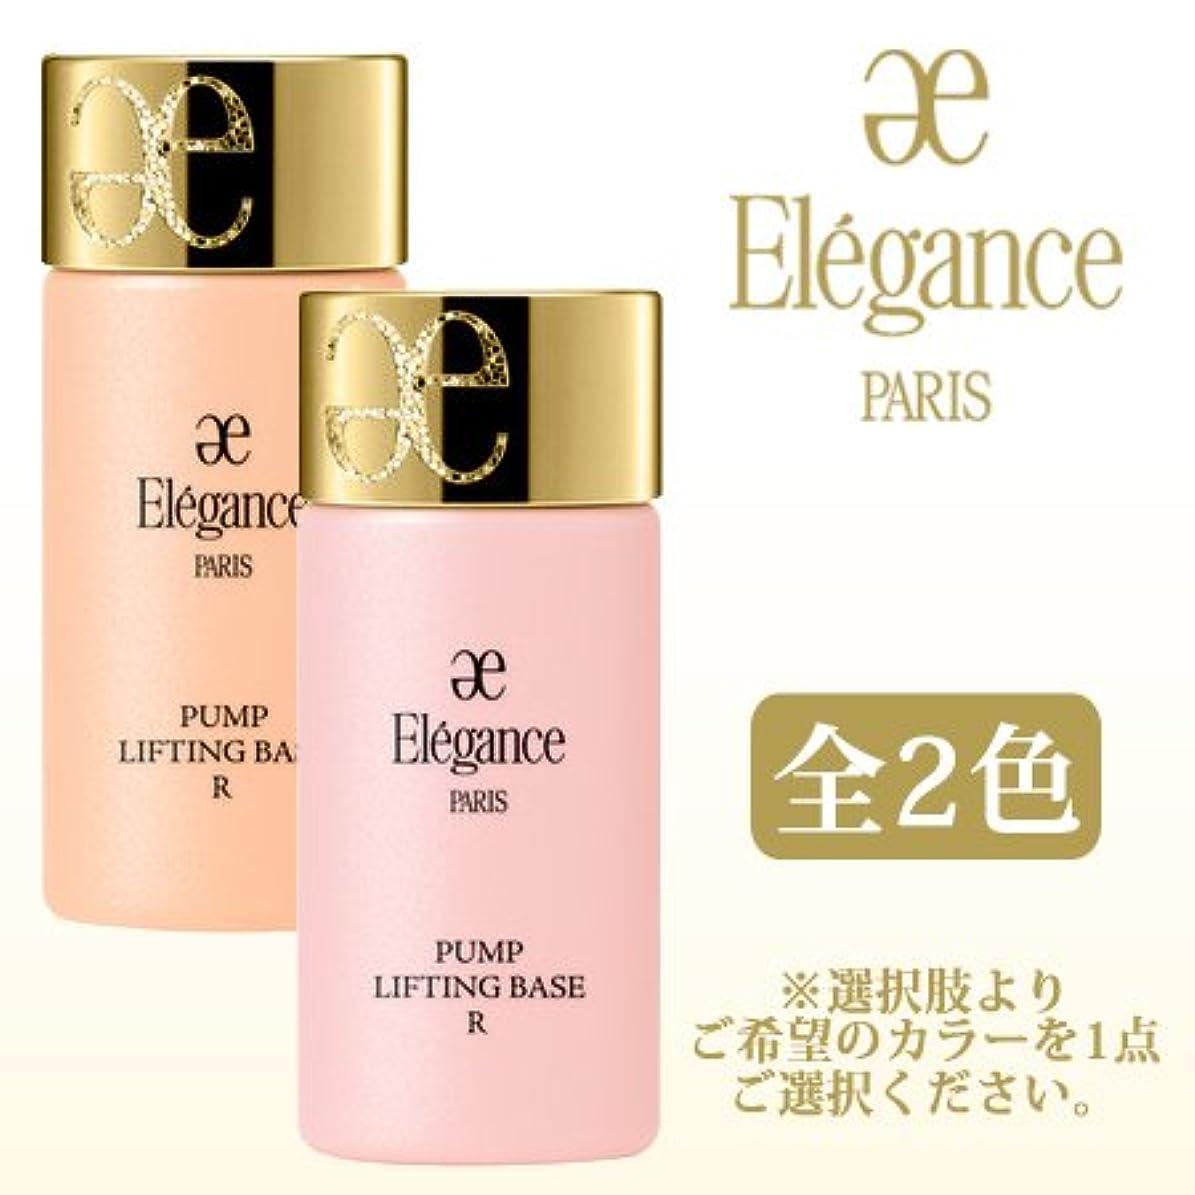 ウール肌眉をひそめるエレガンス パンプリフティング ベース R 30ml-ELEGANCE- PK100